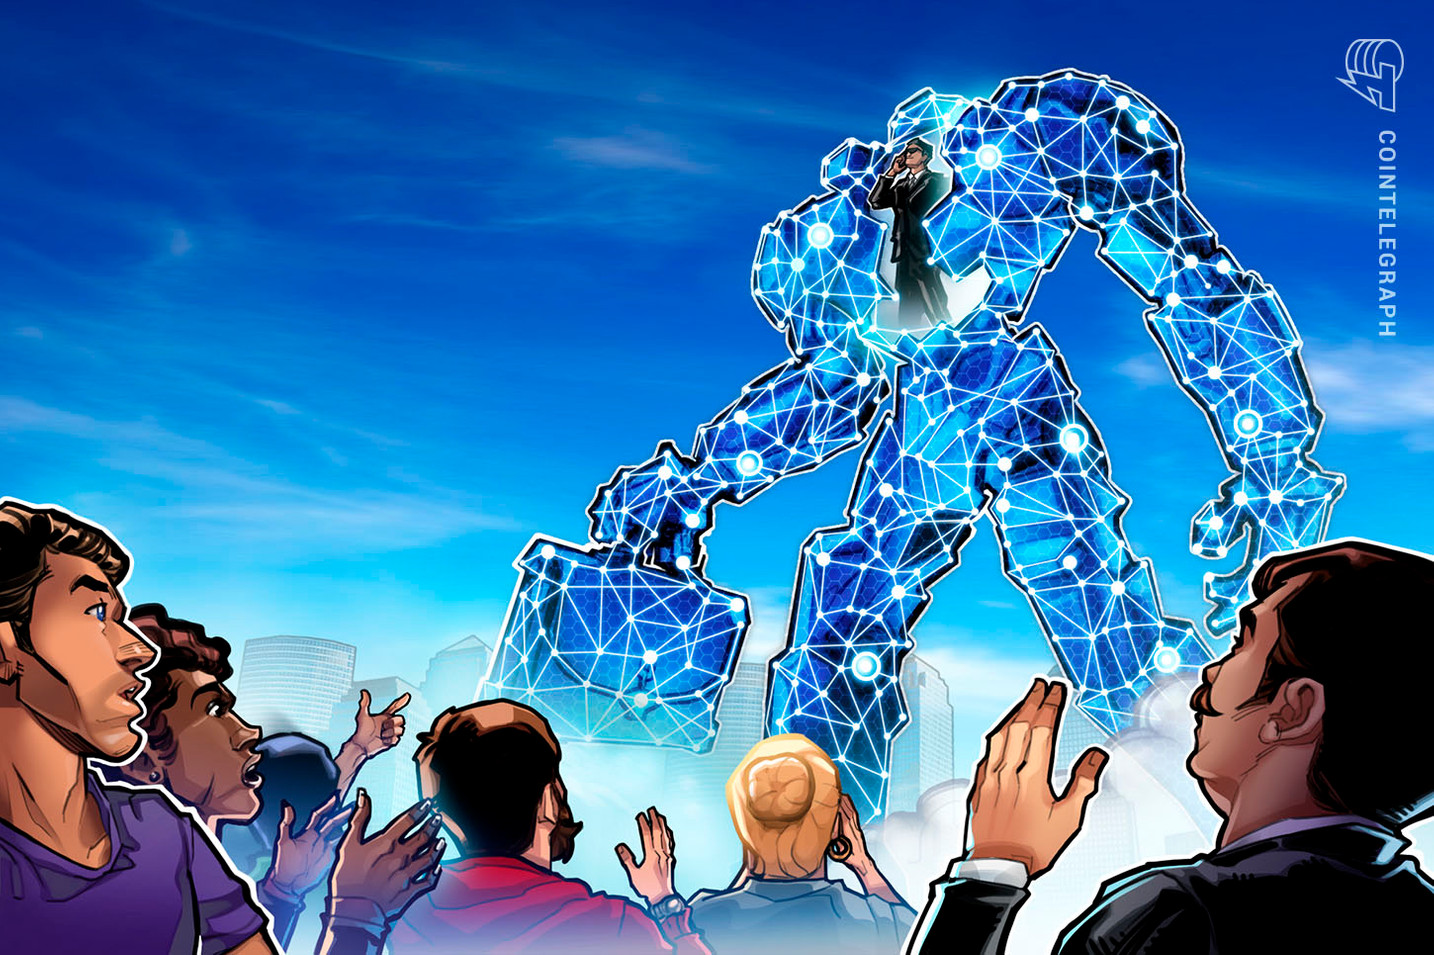 Bancos brasileiros se unem e lançam rede baseada na blockchain para aumentar segurança do setor